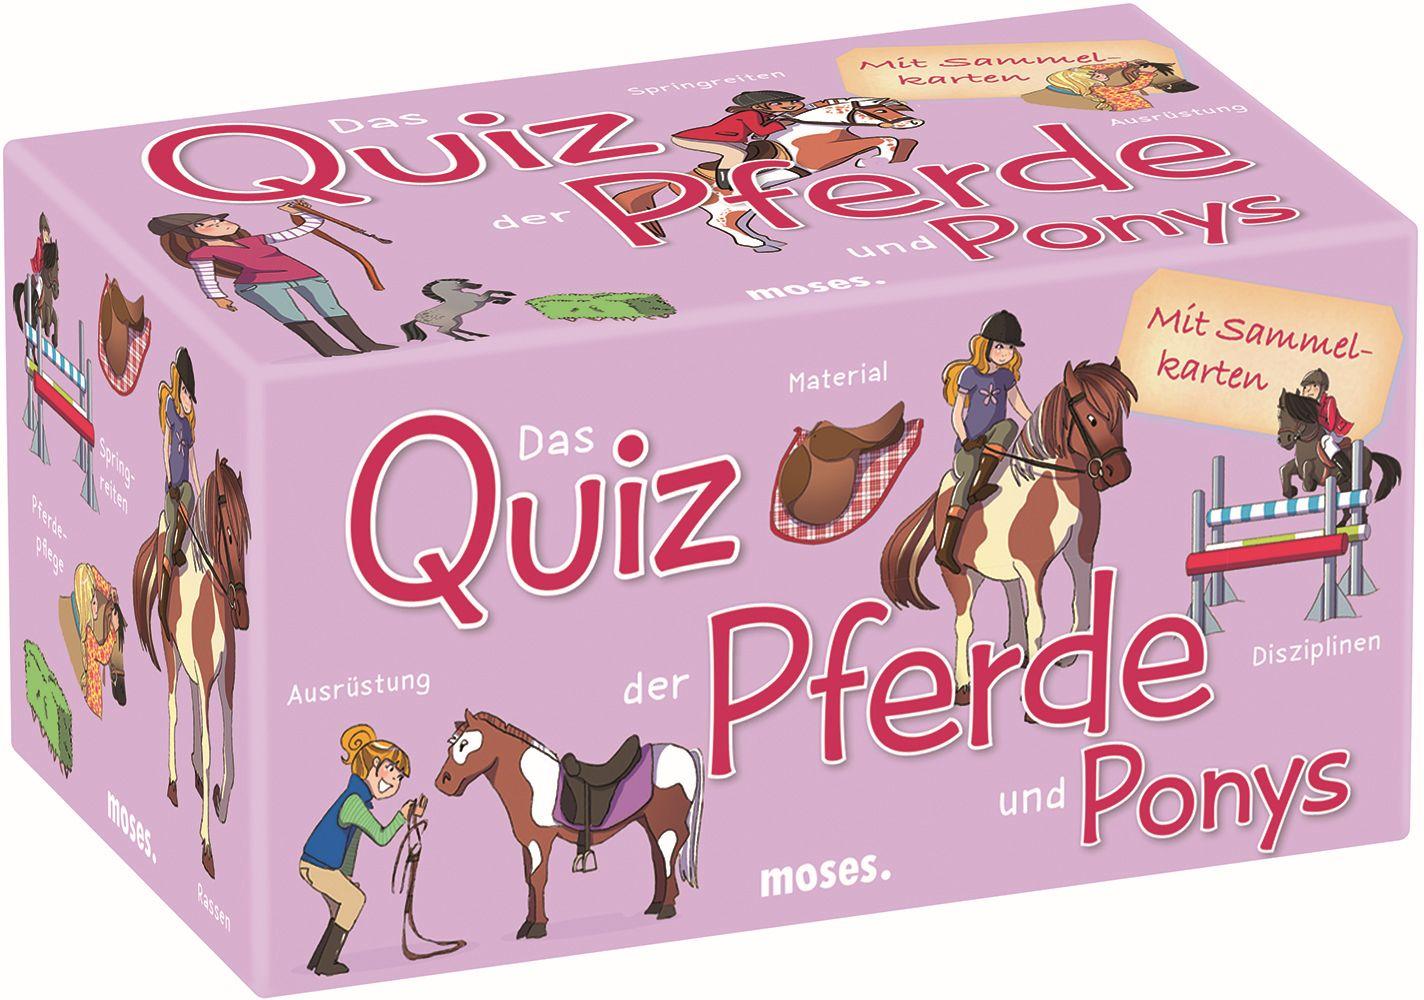 Das Quiz der Pferde und Ponys als sonstige Artikel